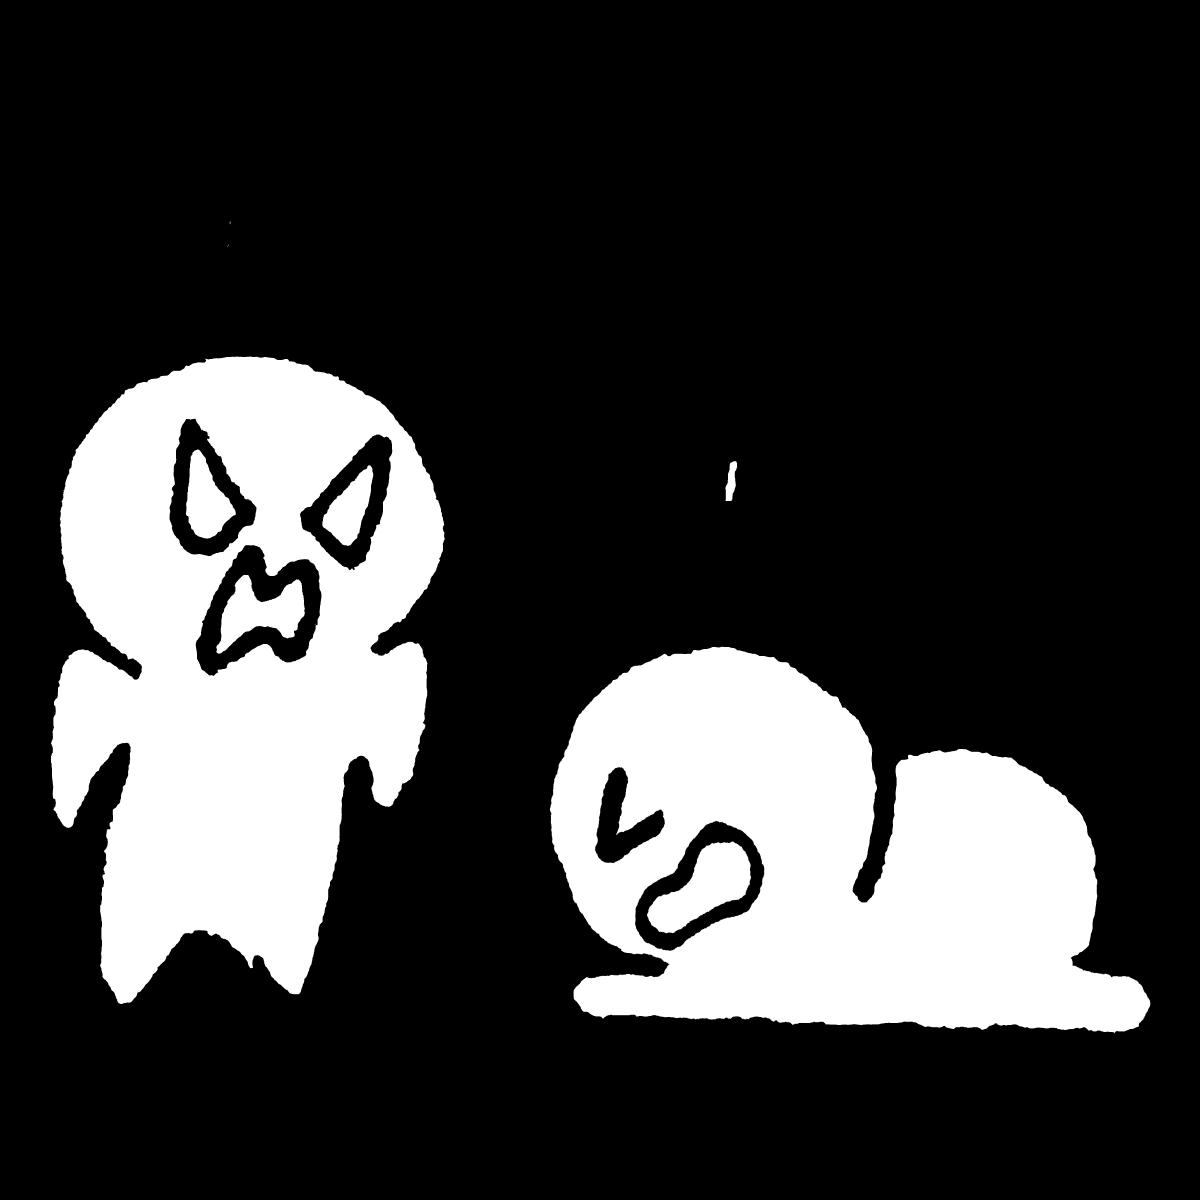 怒れられて土下座のイラスト / Down on one's knees in anger Illustration